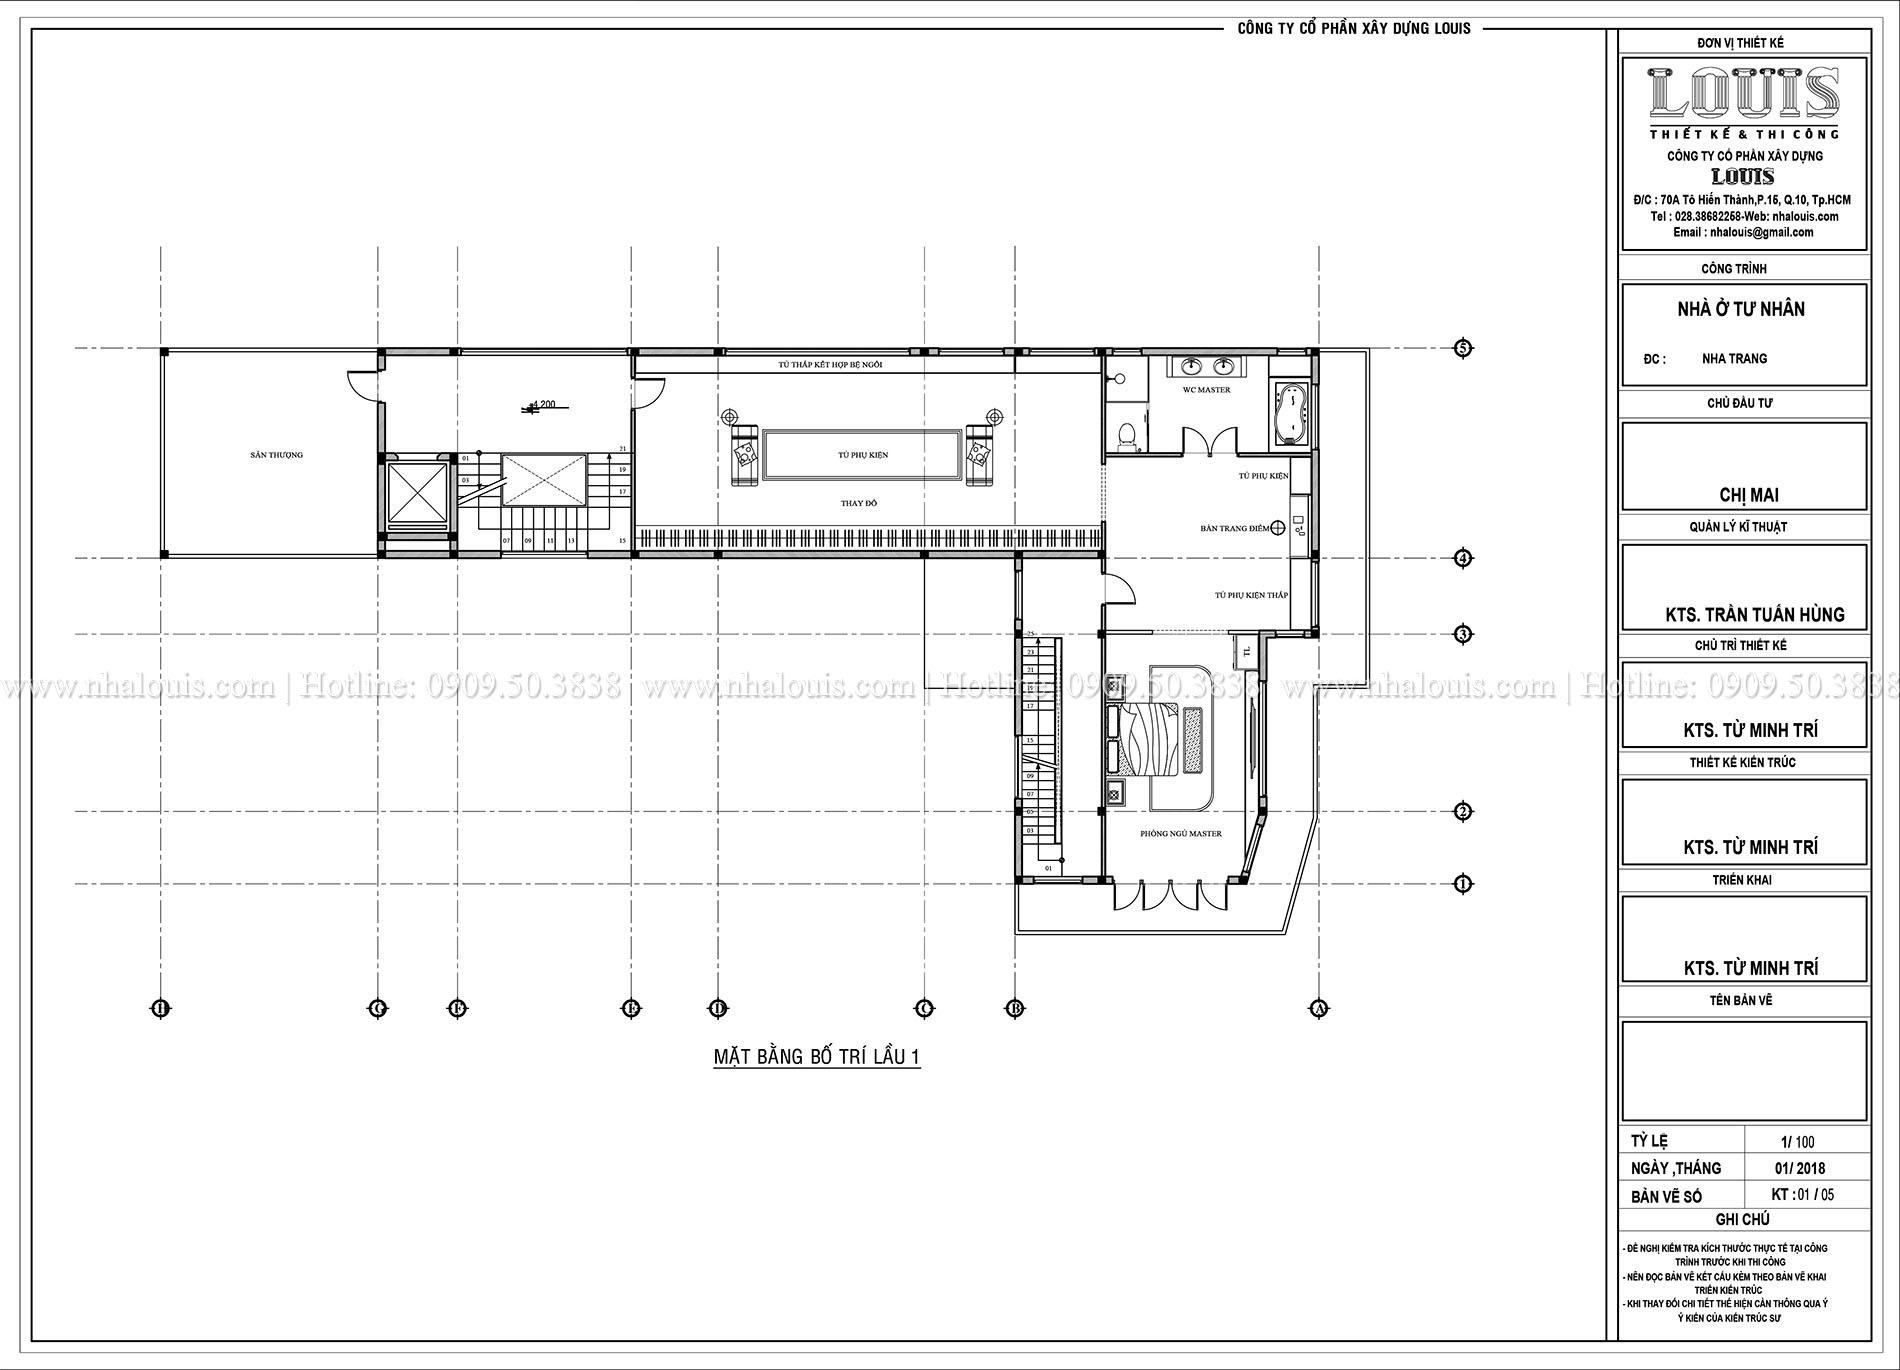 Mặt bằng lầu 1 Thiết kế biệt thự 5 tầng hiện đại đẹp lung linh tại Nha Trang - 009